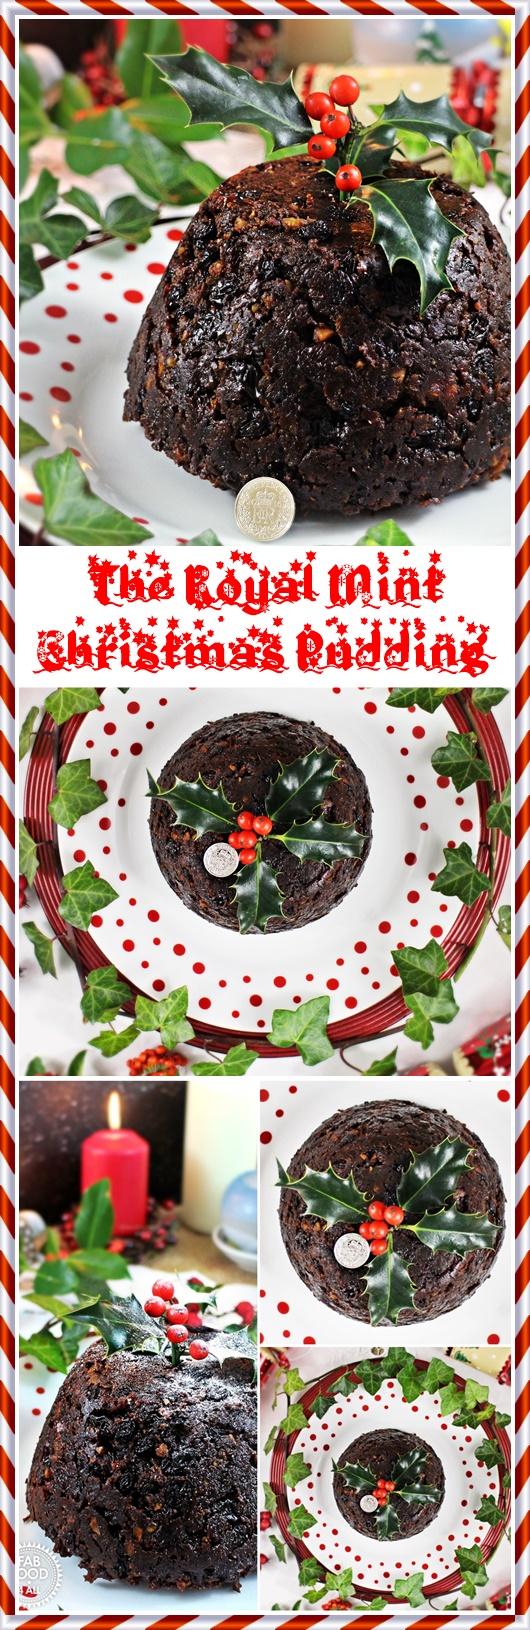 The Royal Mint Christmas Pudding & Stir-Up Sunday - Fab Food 4 All